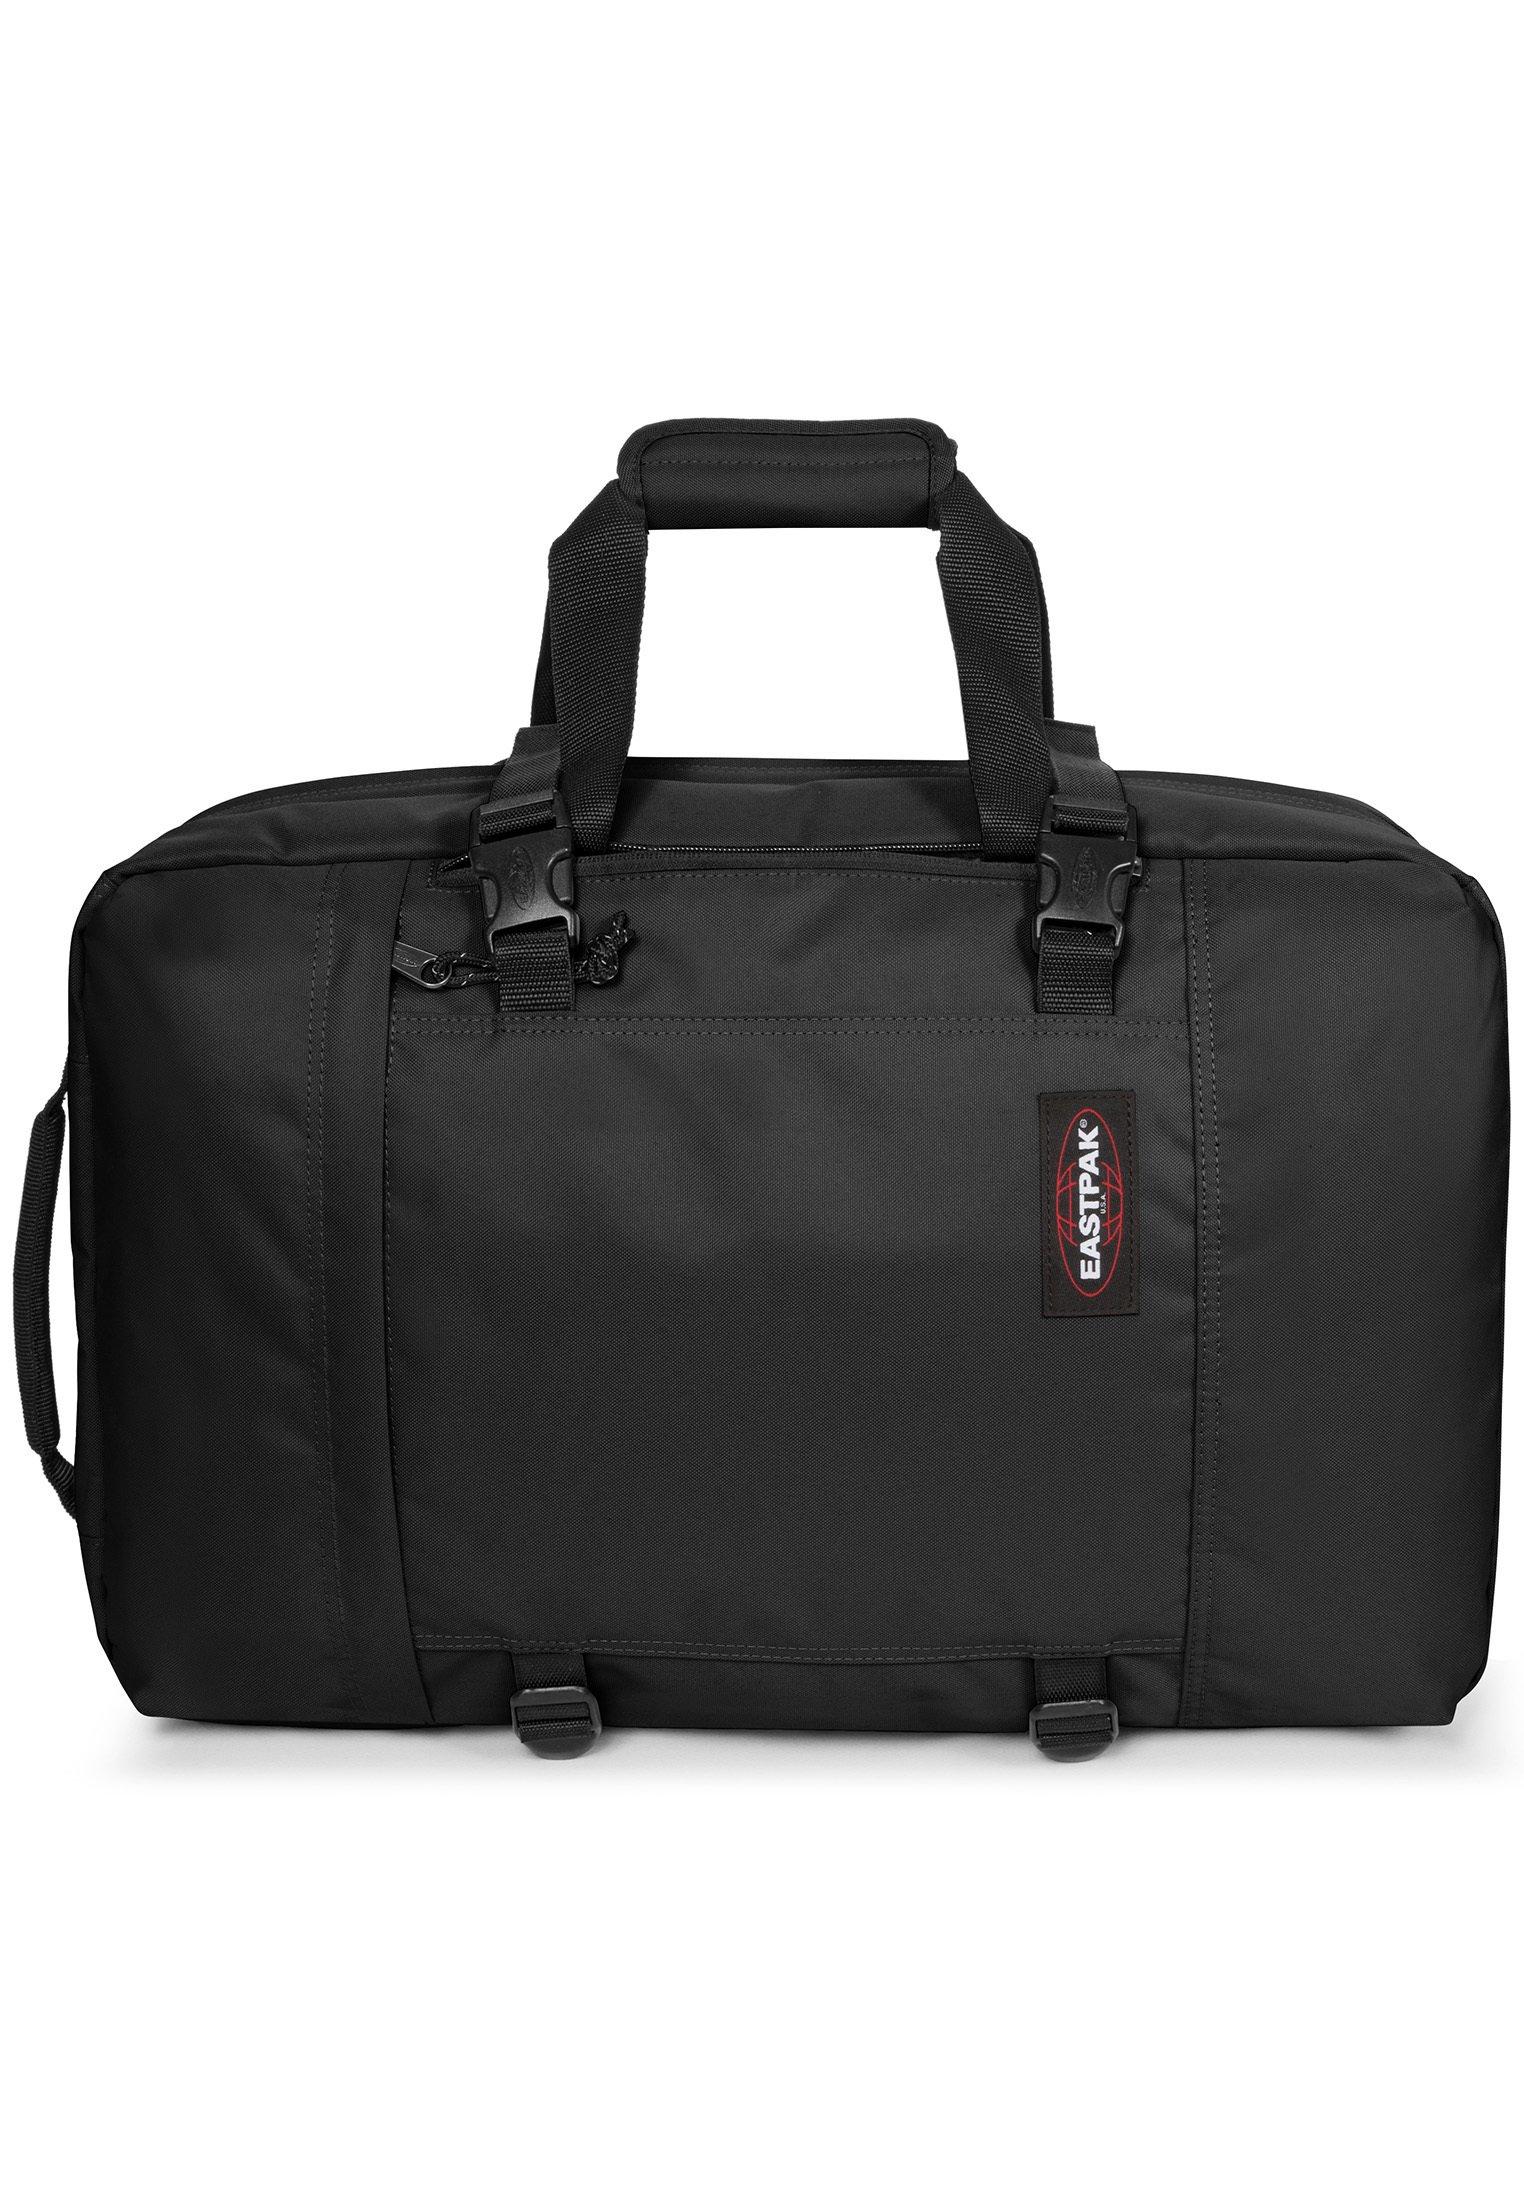 Eastpak Tagesrucksack - black/schwarz - Herrentaschen fPlBZ